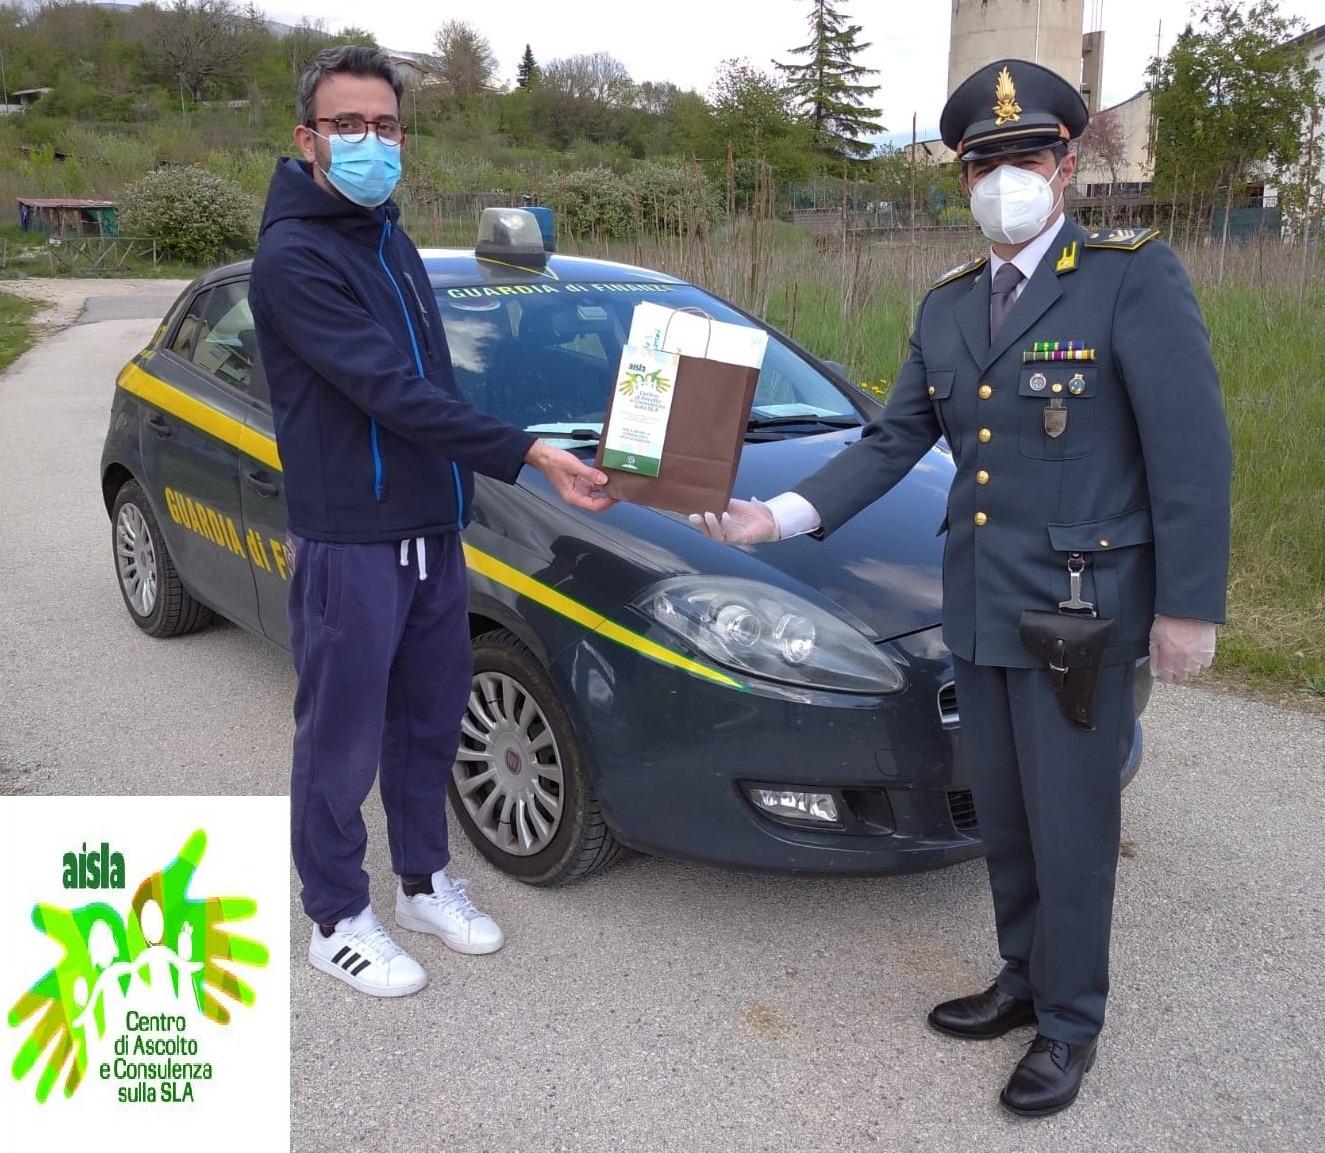 Emergenza Coronavirus, la Guardia di Finanza di L'Aquila consegna mascherine a persone con sindrome di SLA